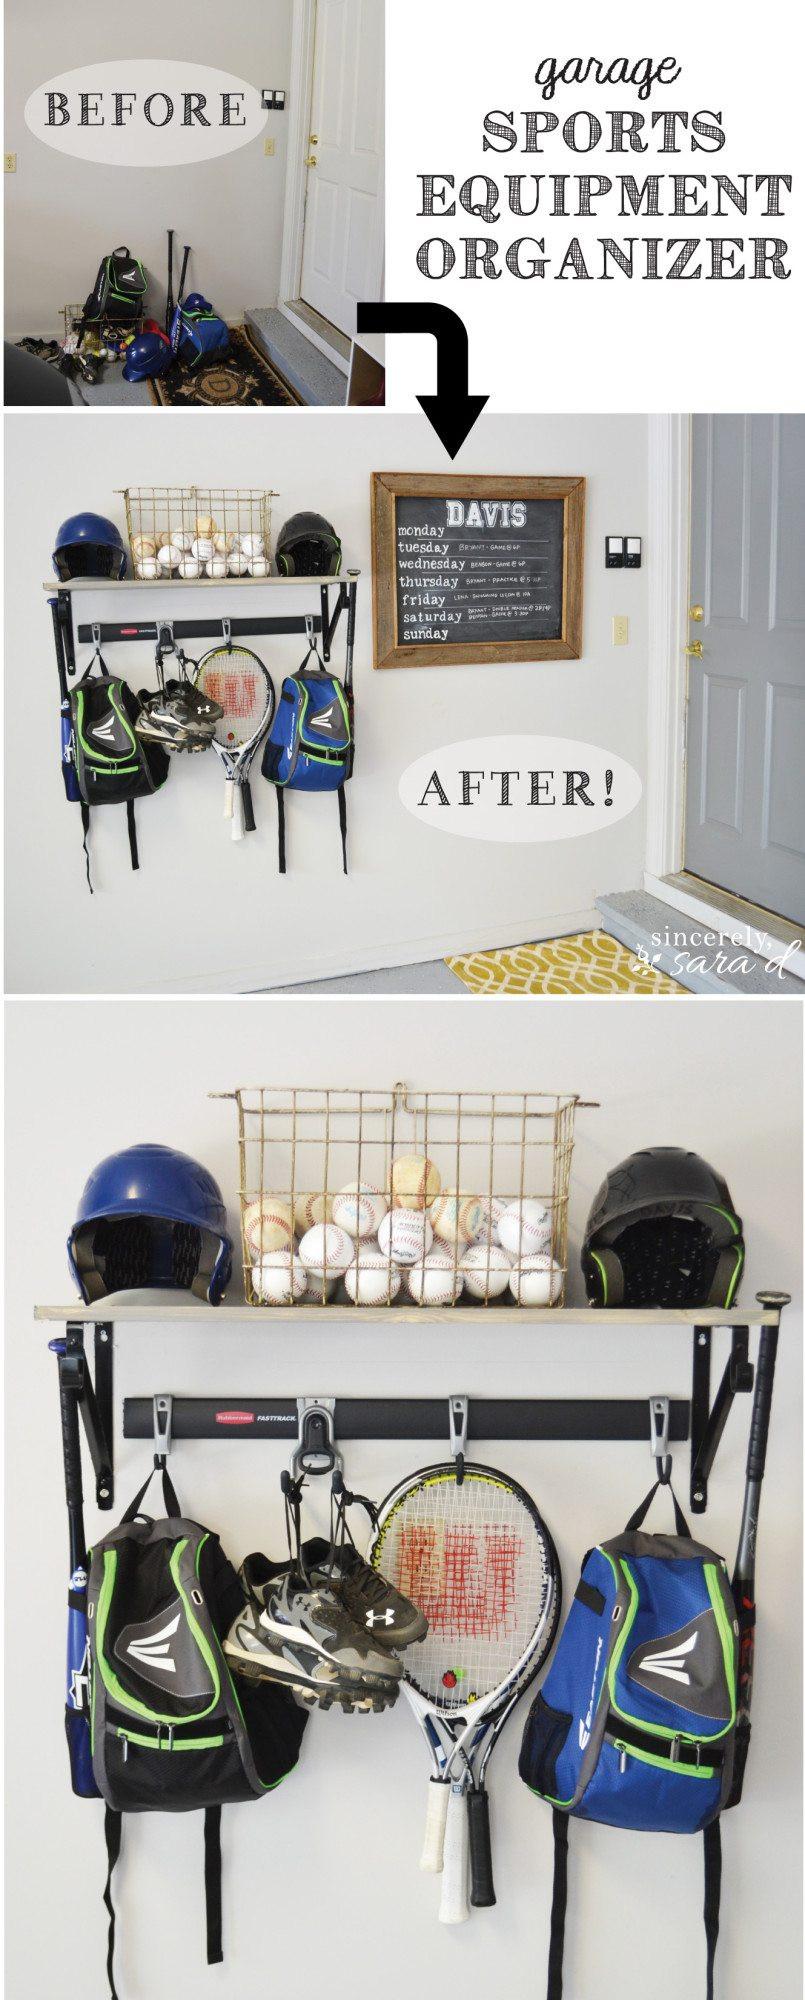 Sports Equipment Organizer For Garage  Garage Sports Equipment Organizer